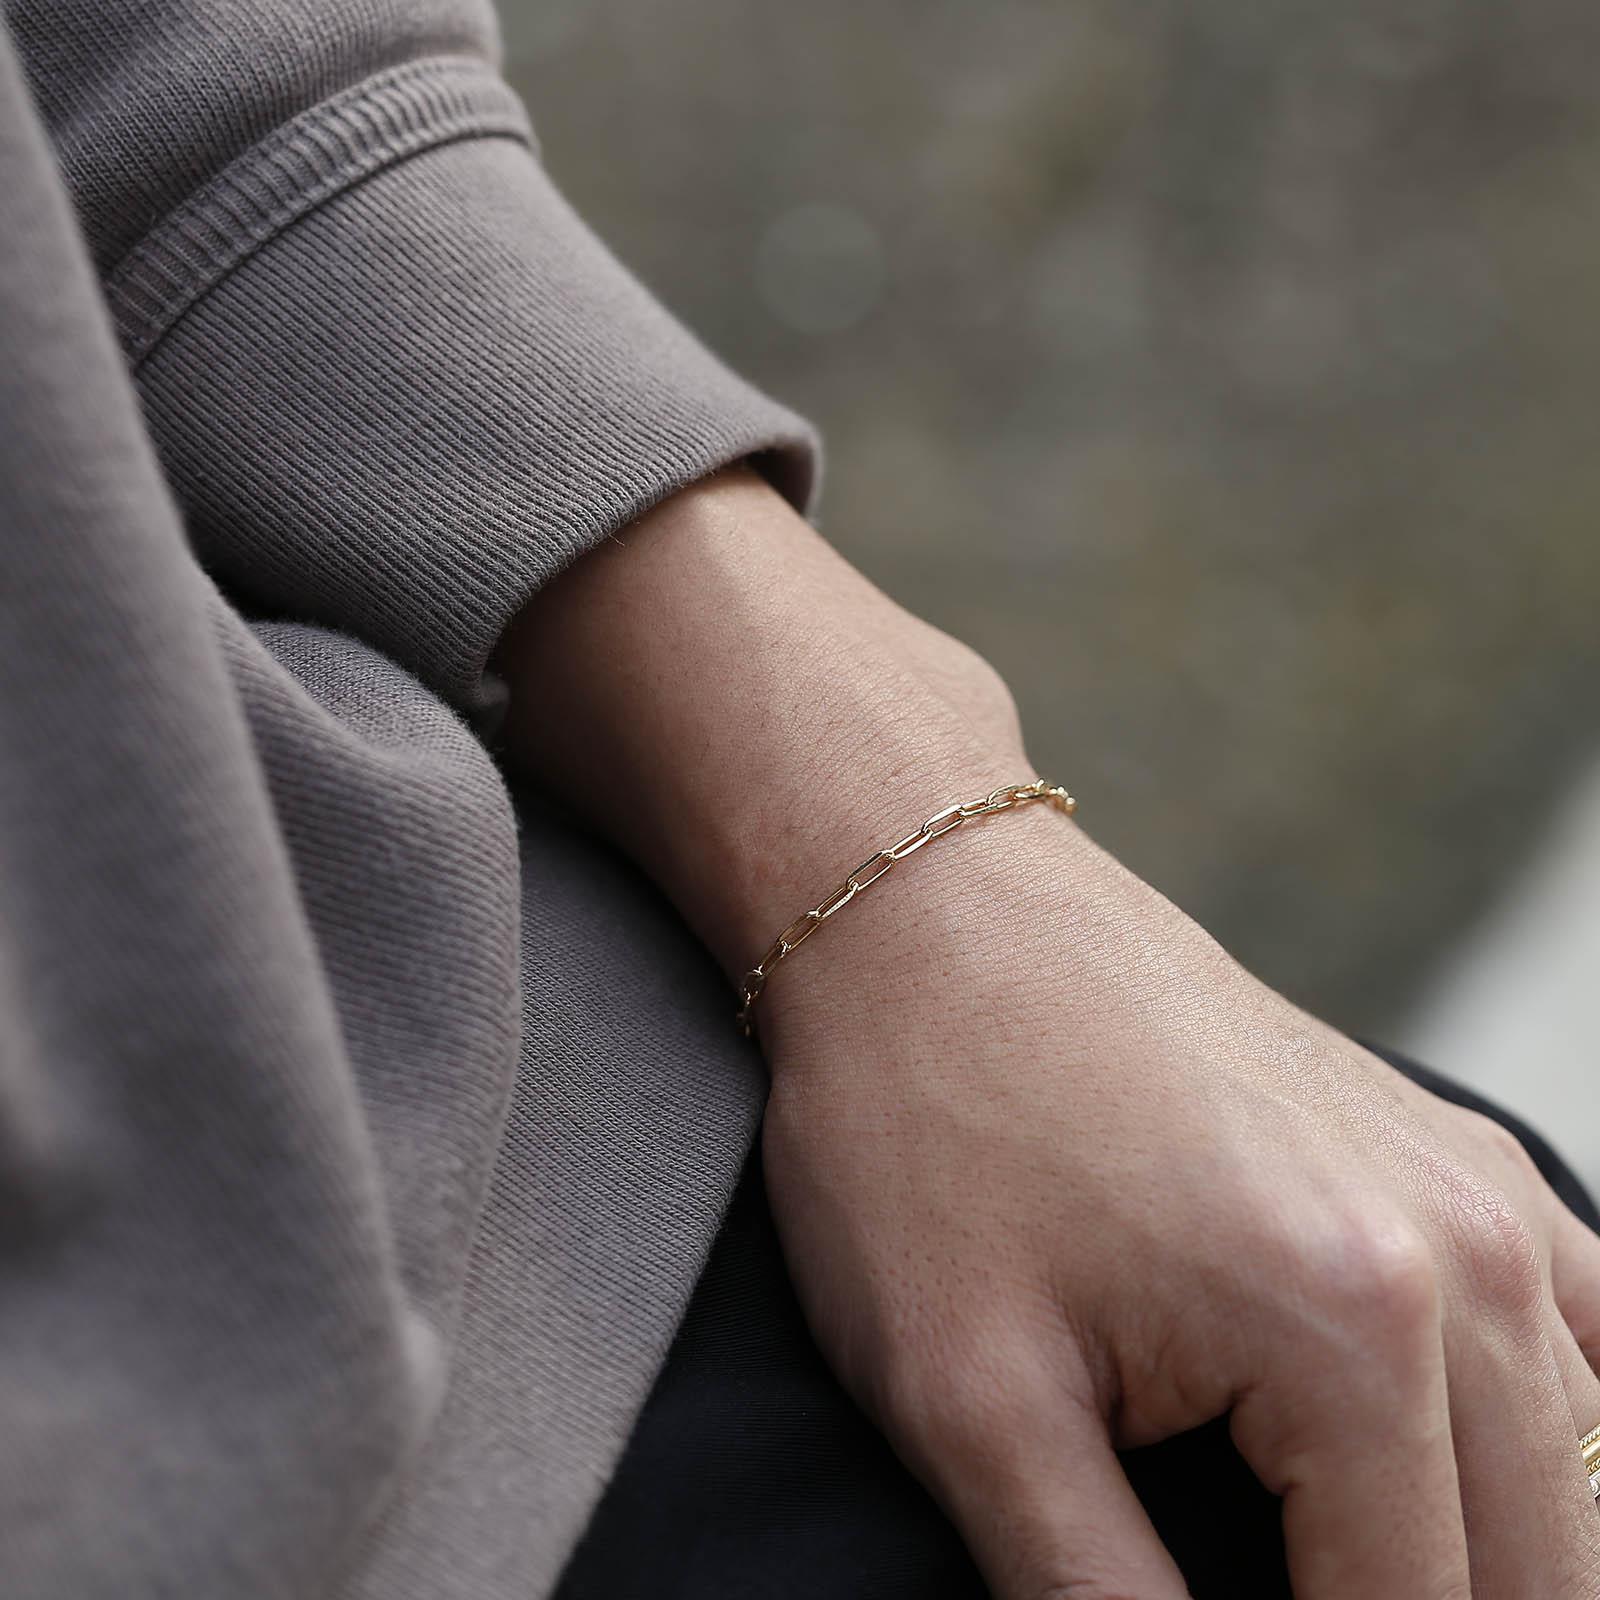 メンズアクセサリー JUST GOOD Chain Bracelet - Anchor - GV